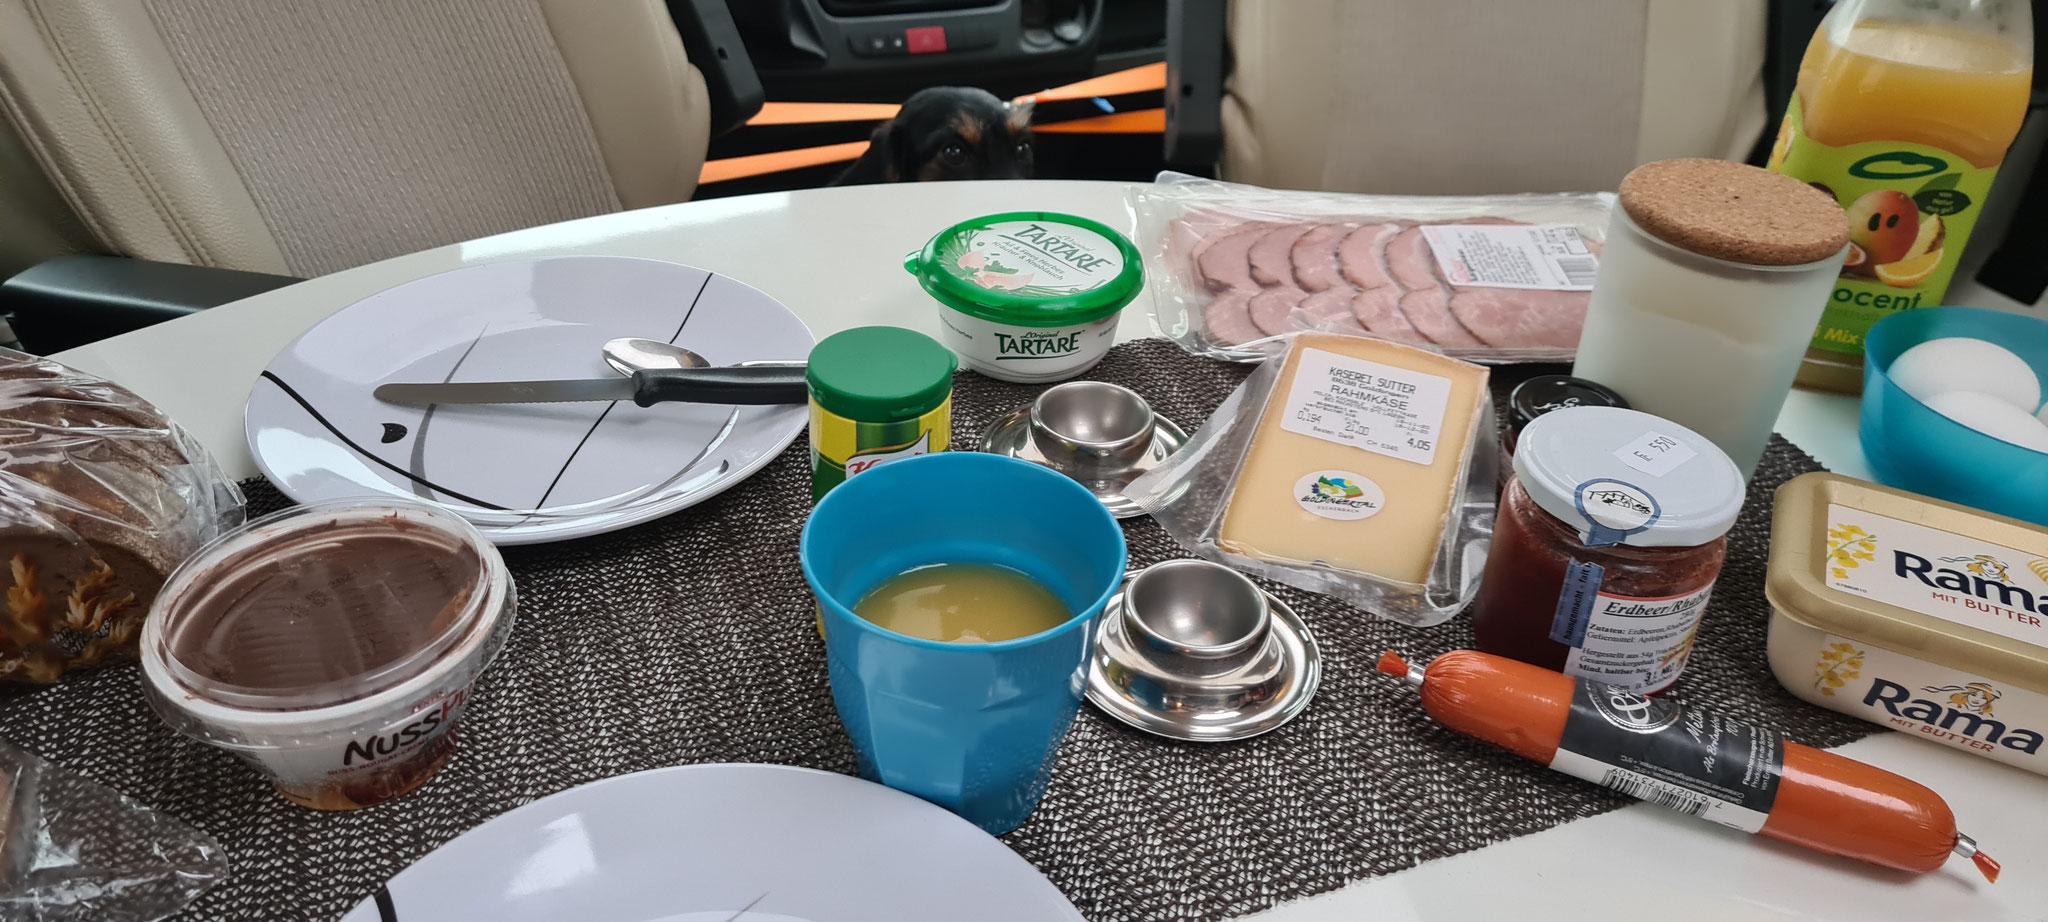 Frühstück im WoMo - auch in der CH lecker